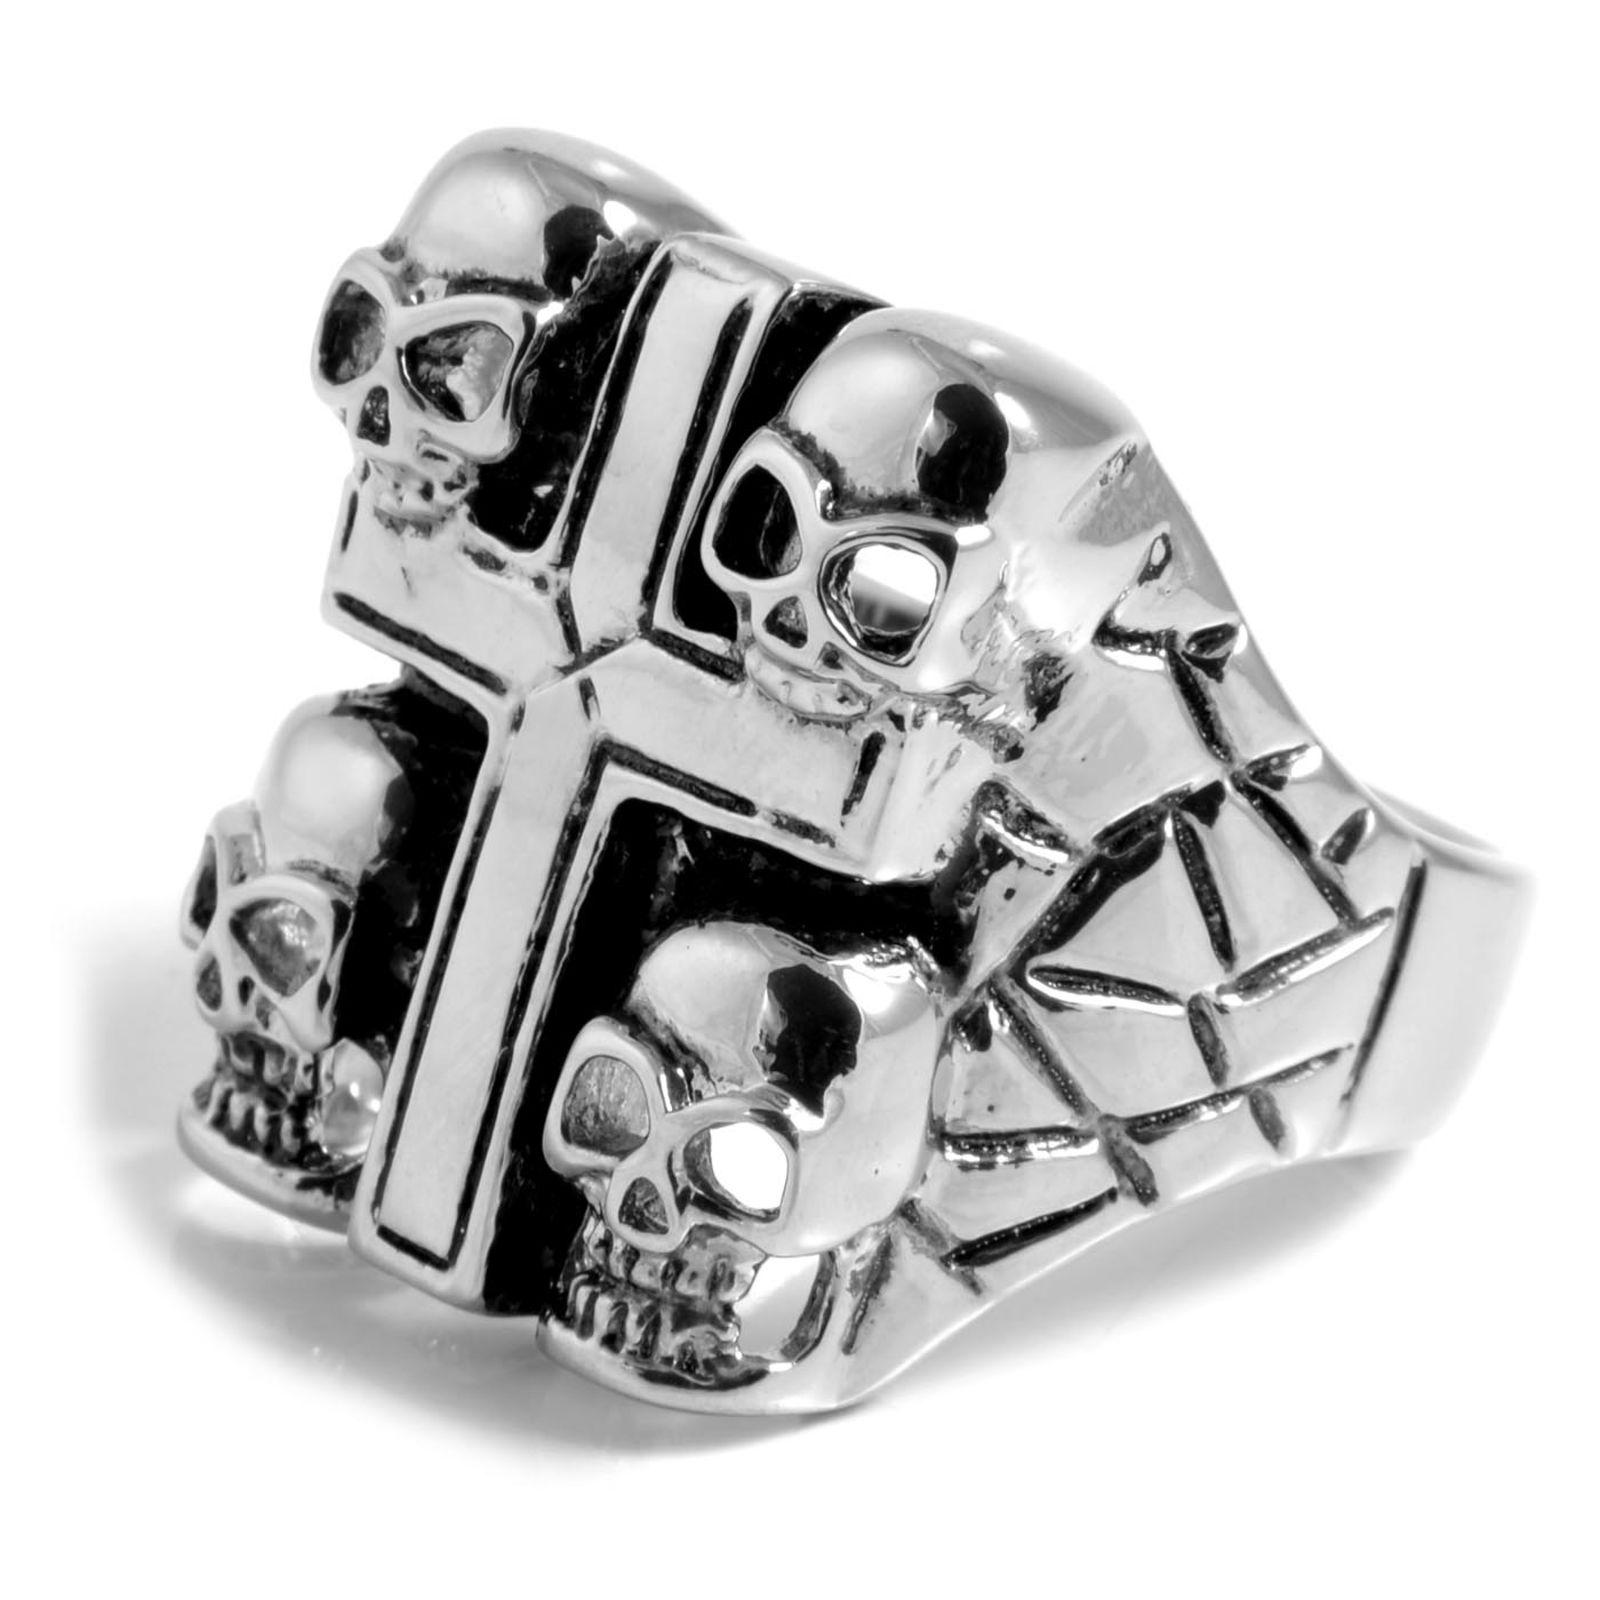 Ατσαλένιο Δαχτυλίδι Cross   Skulls  512fb06f160